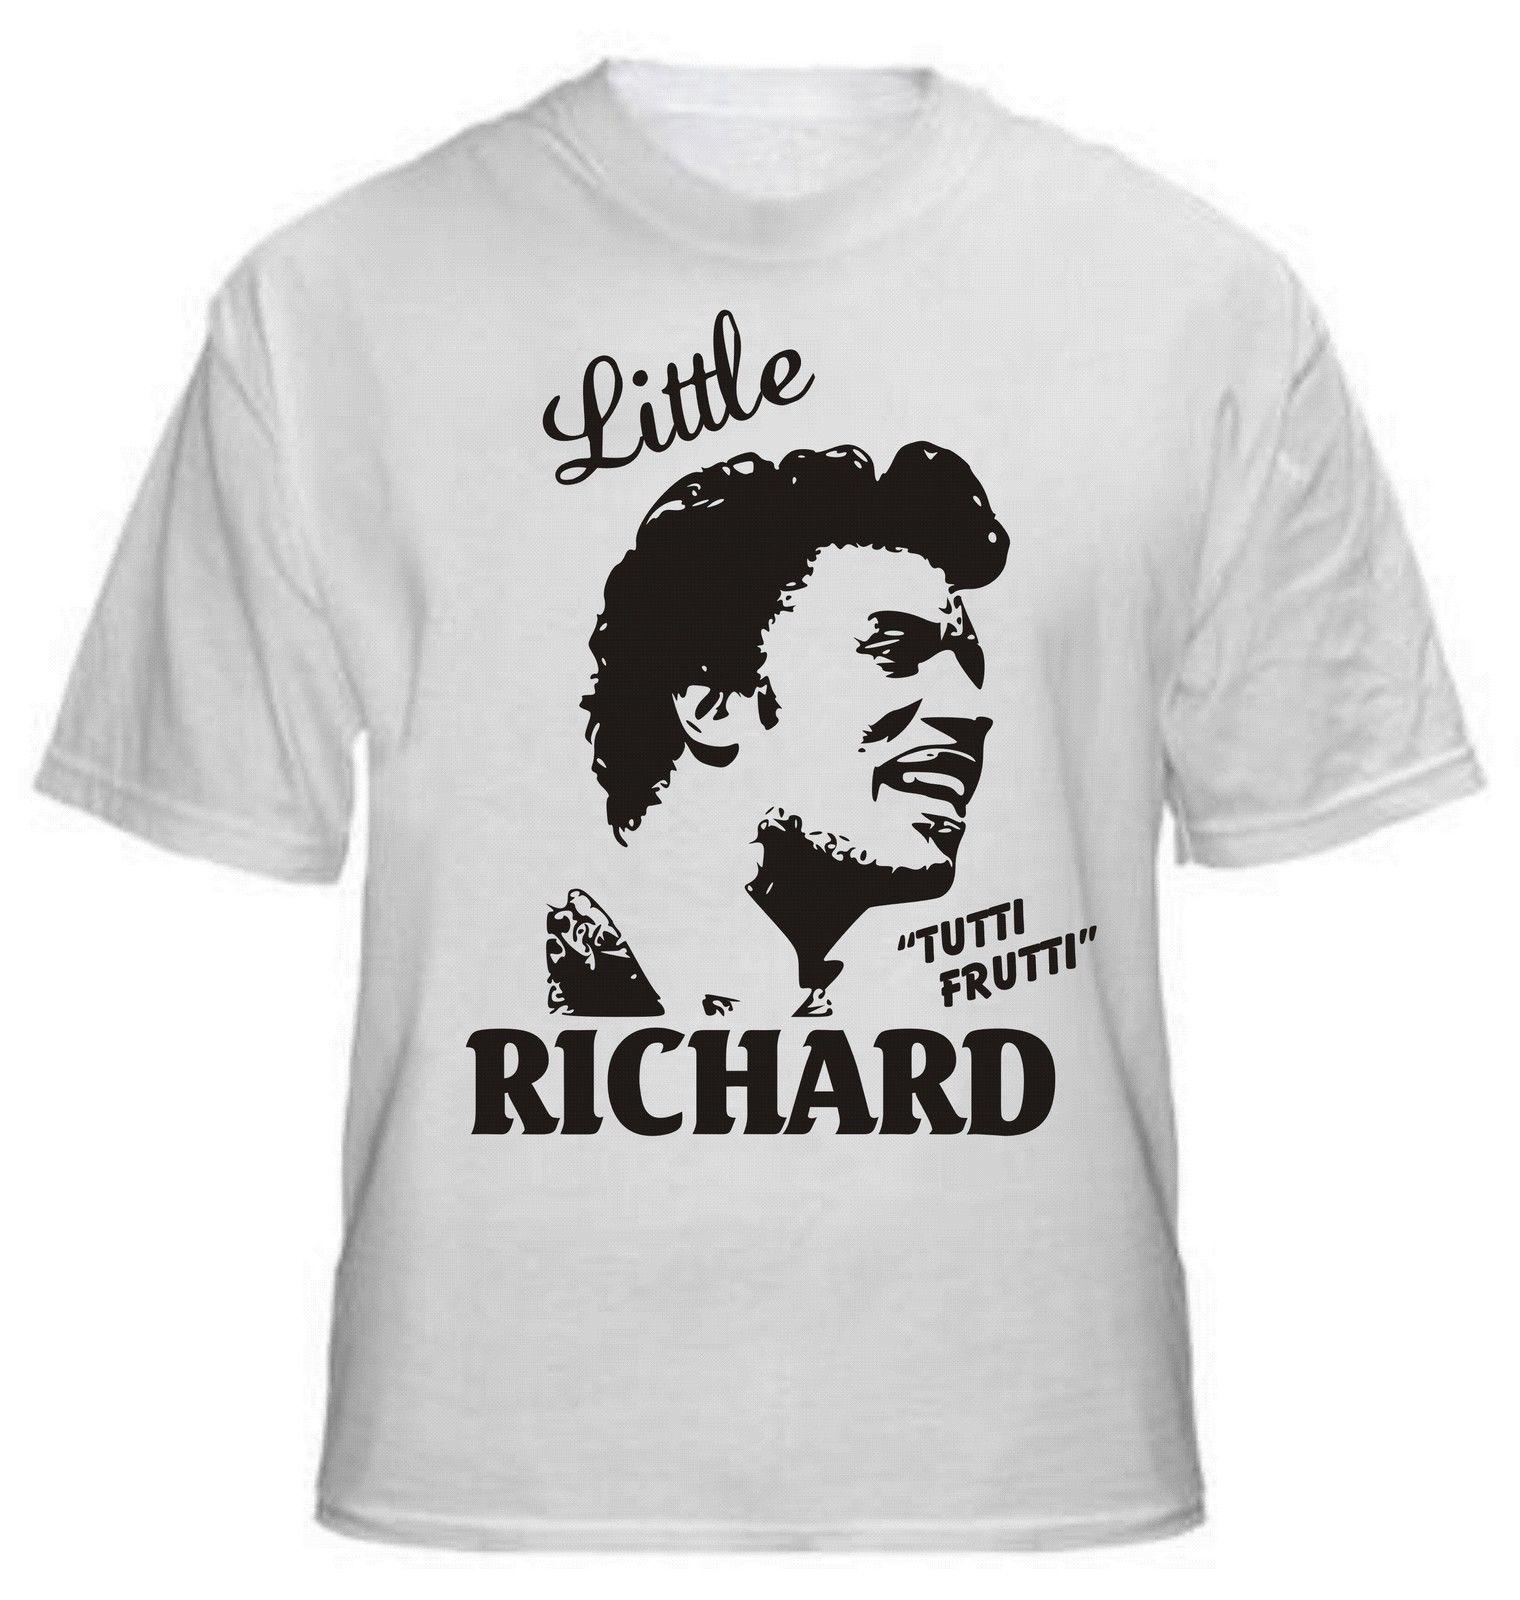 Leqemao 2017 новые немного прохладной Ричард Тутти Фрутти футболка rocknroll Легенда-все 3d принт Для мужчин из 100% хлопка короткий рукав Футболка